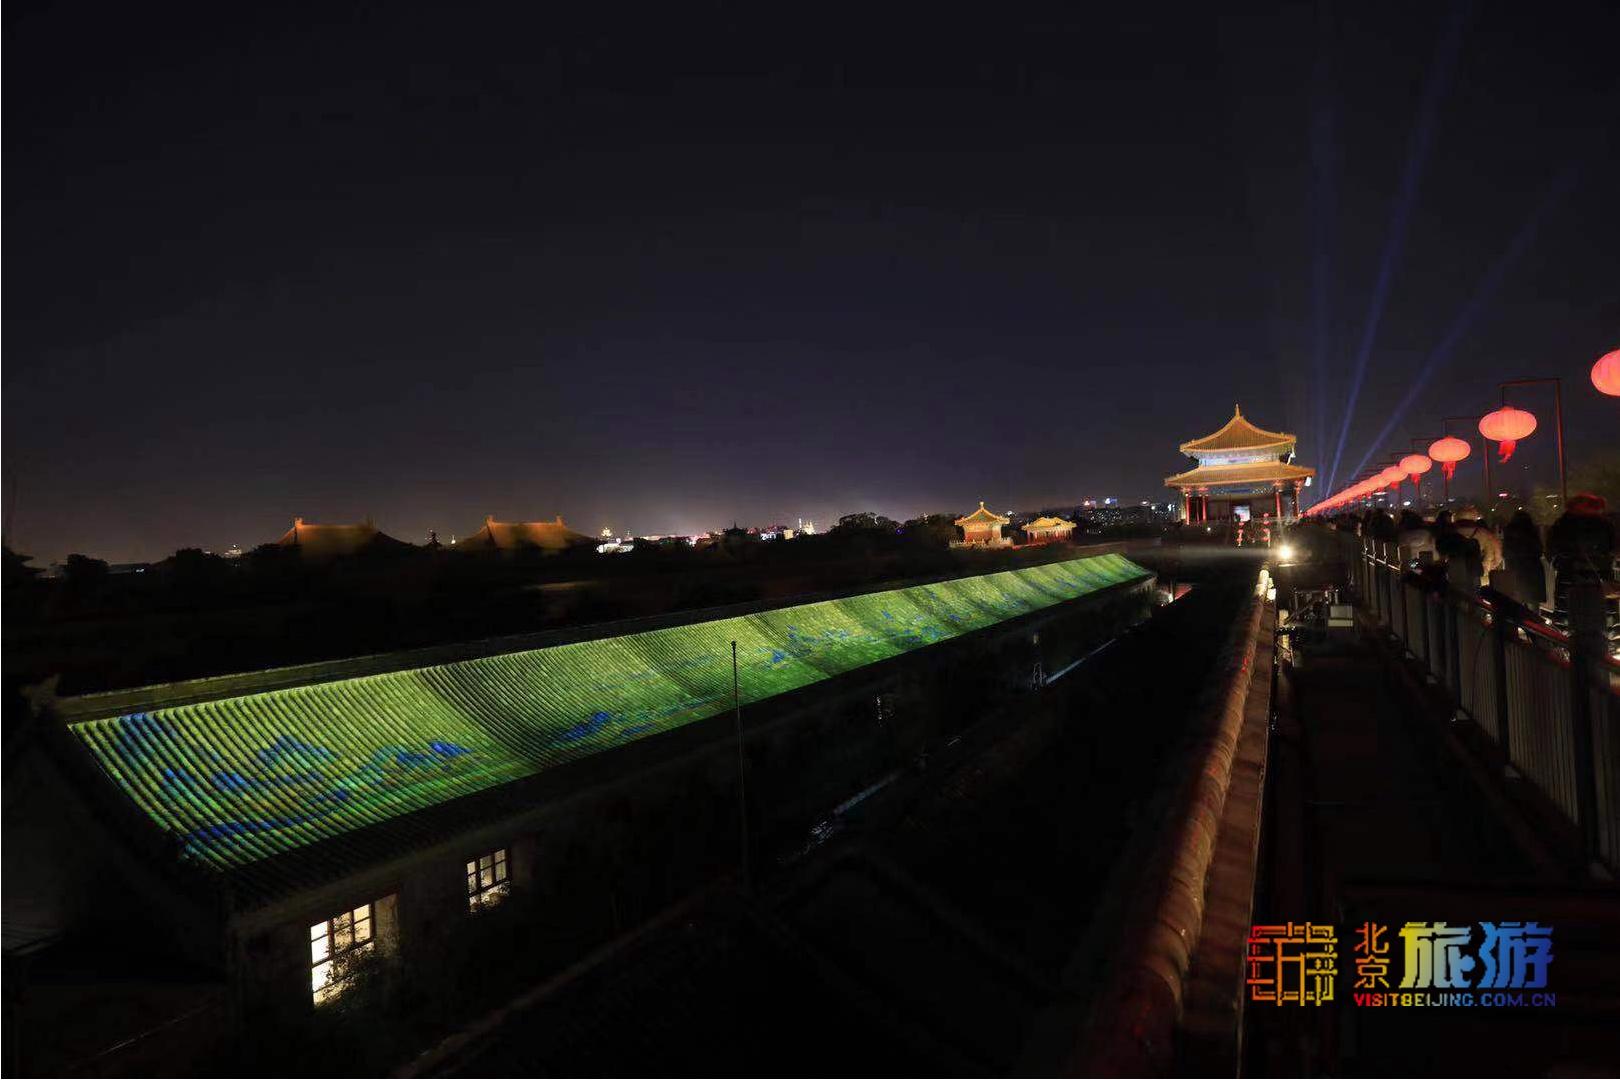 """故宫""""紫禁城上元之夜""""现场精彩图片和视频抢先看!"""